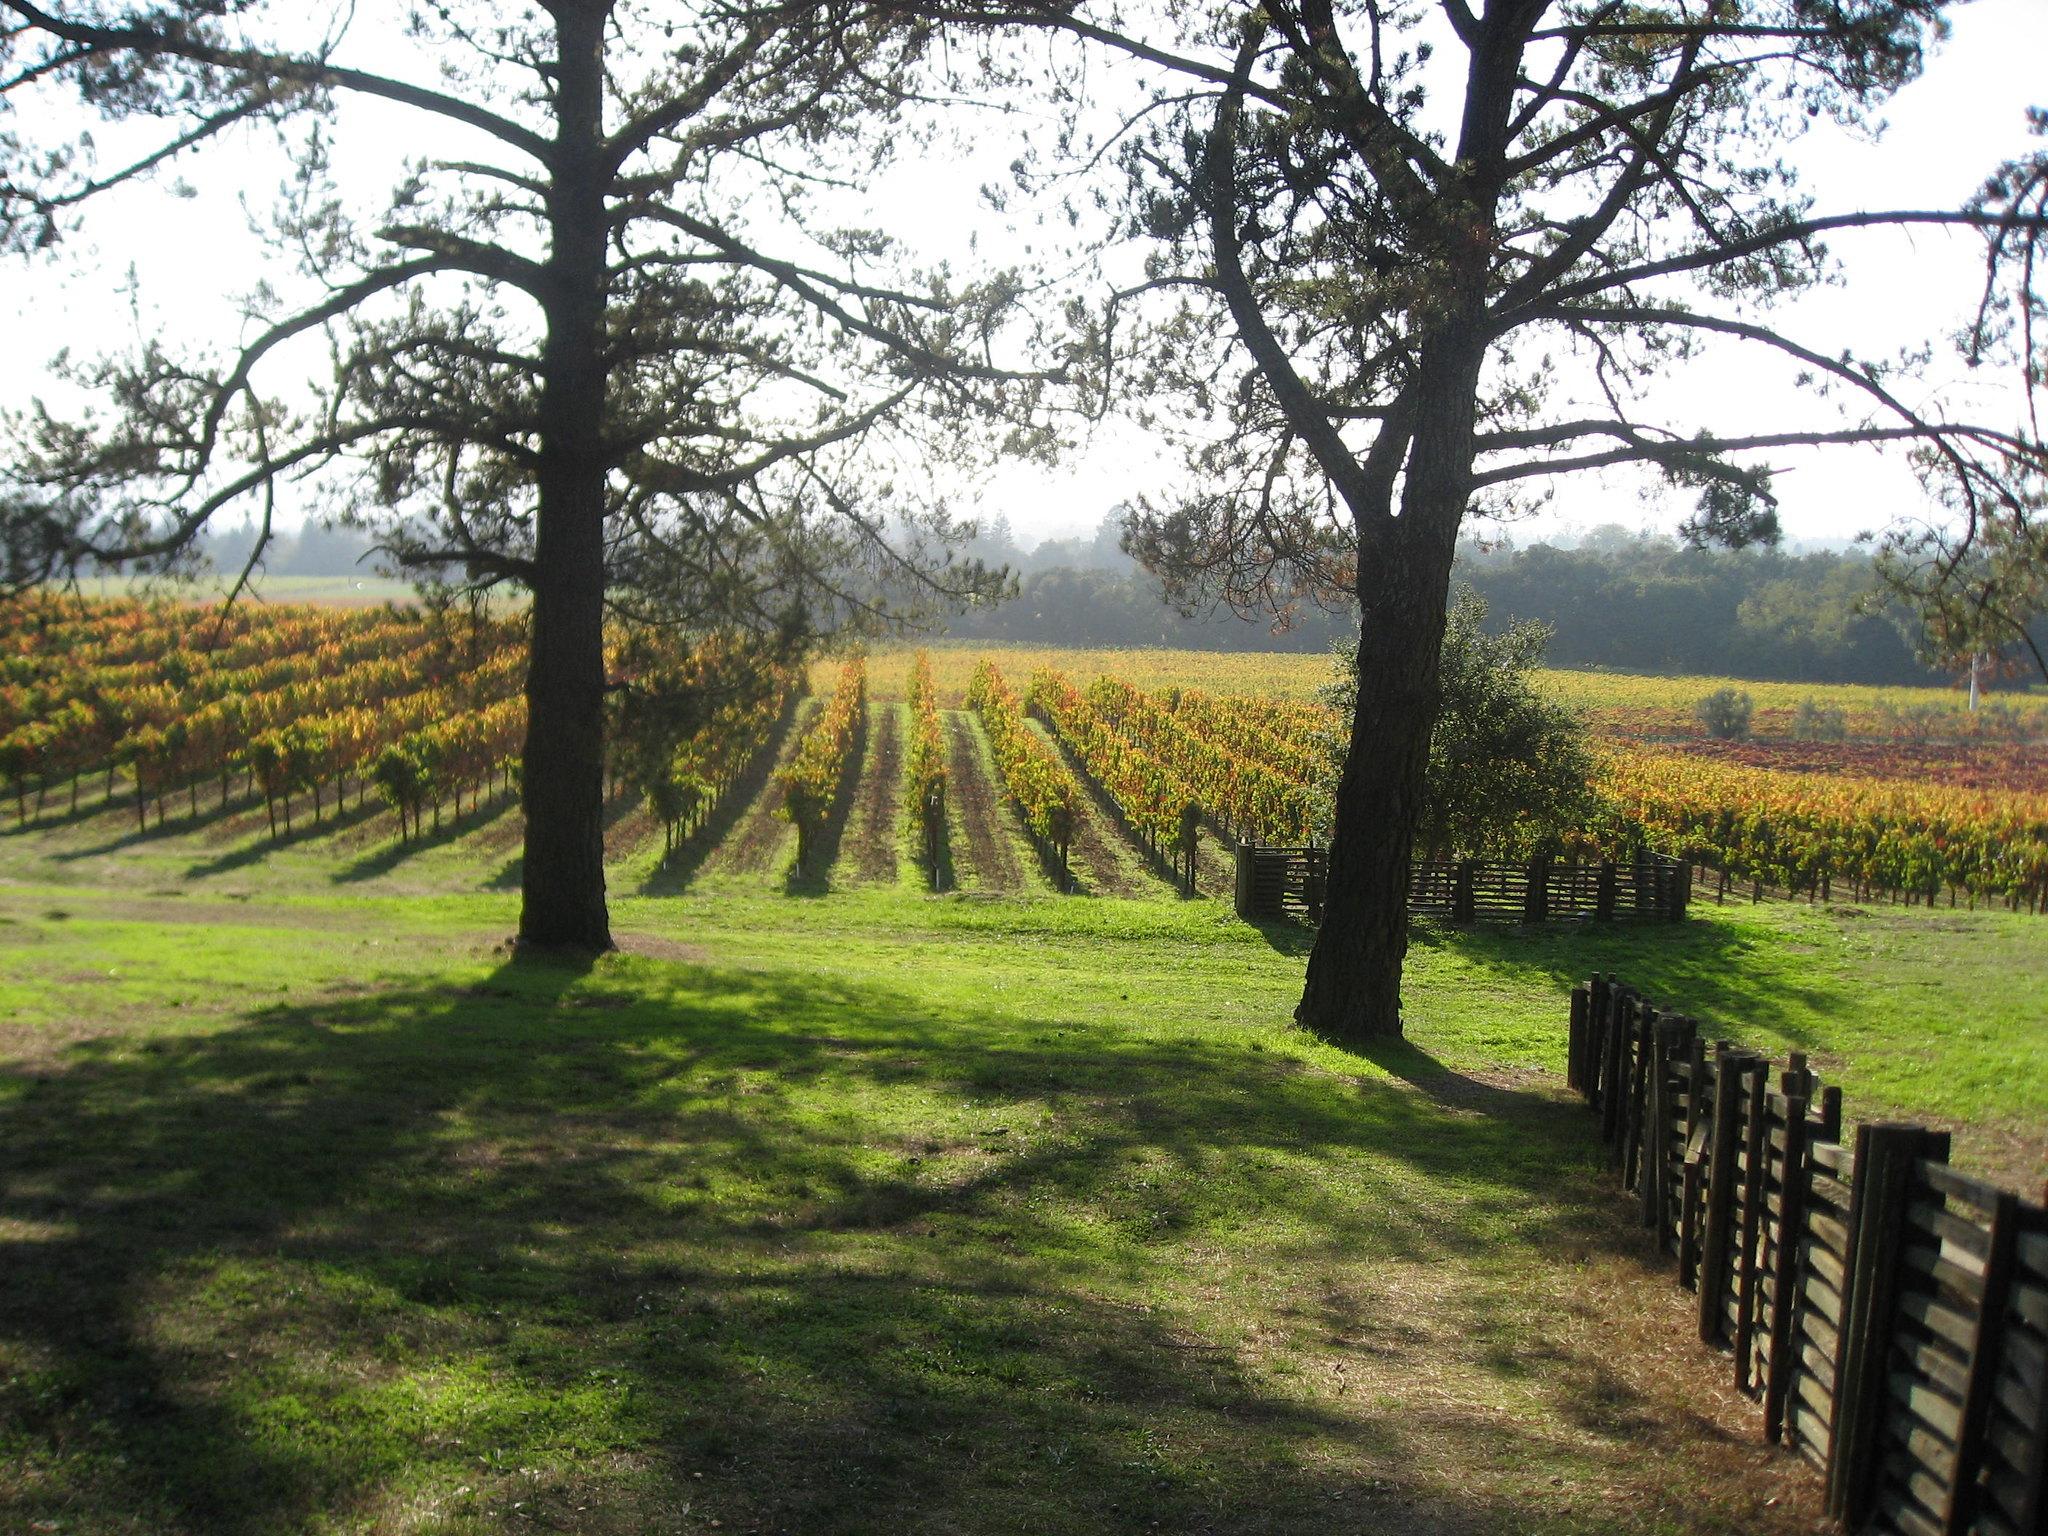 Gundlach-Bundschu Winery